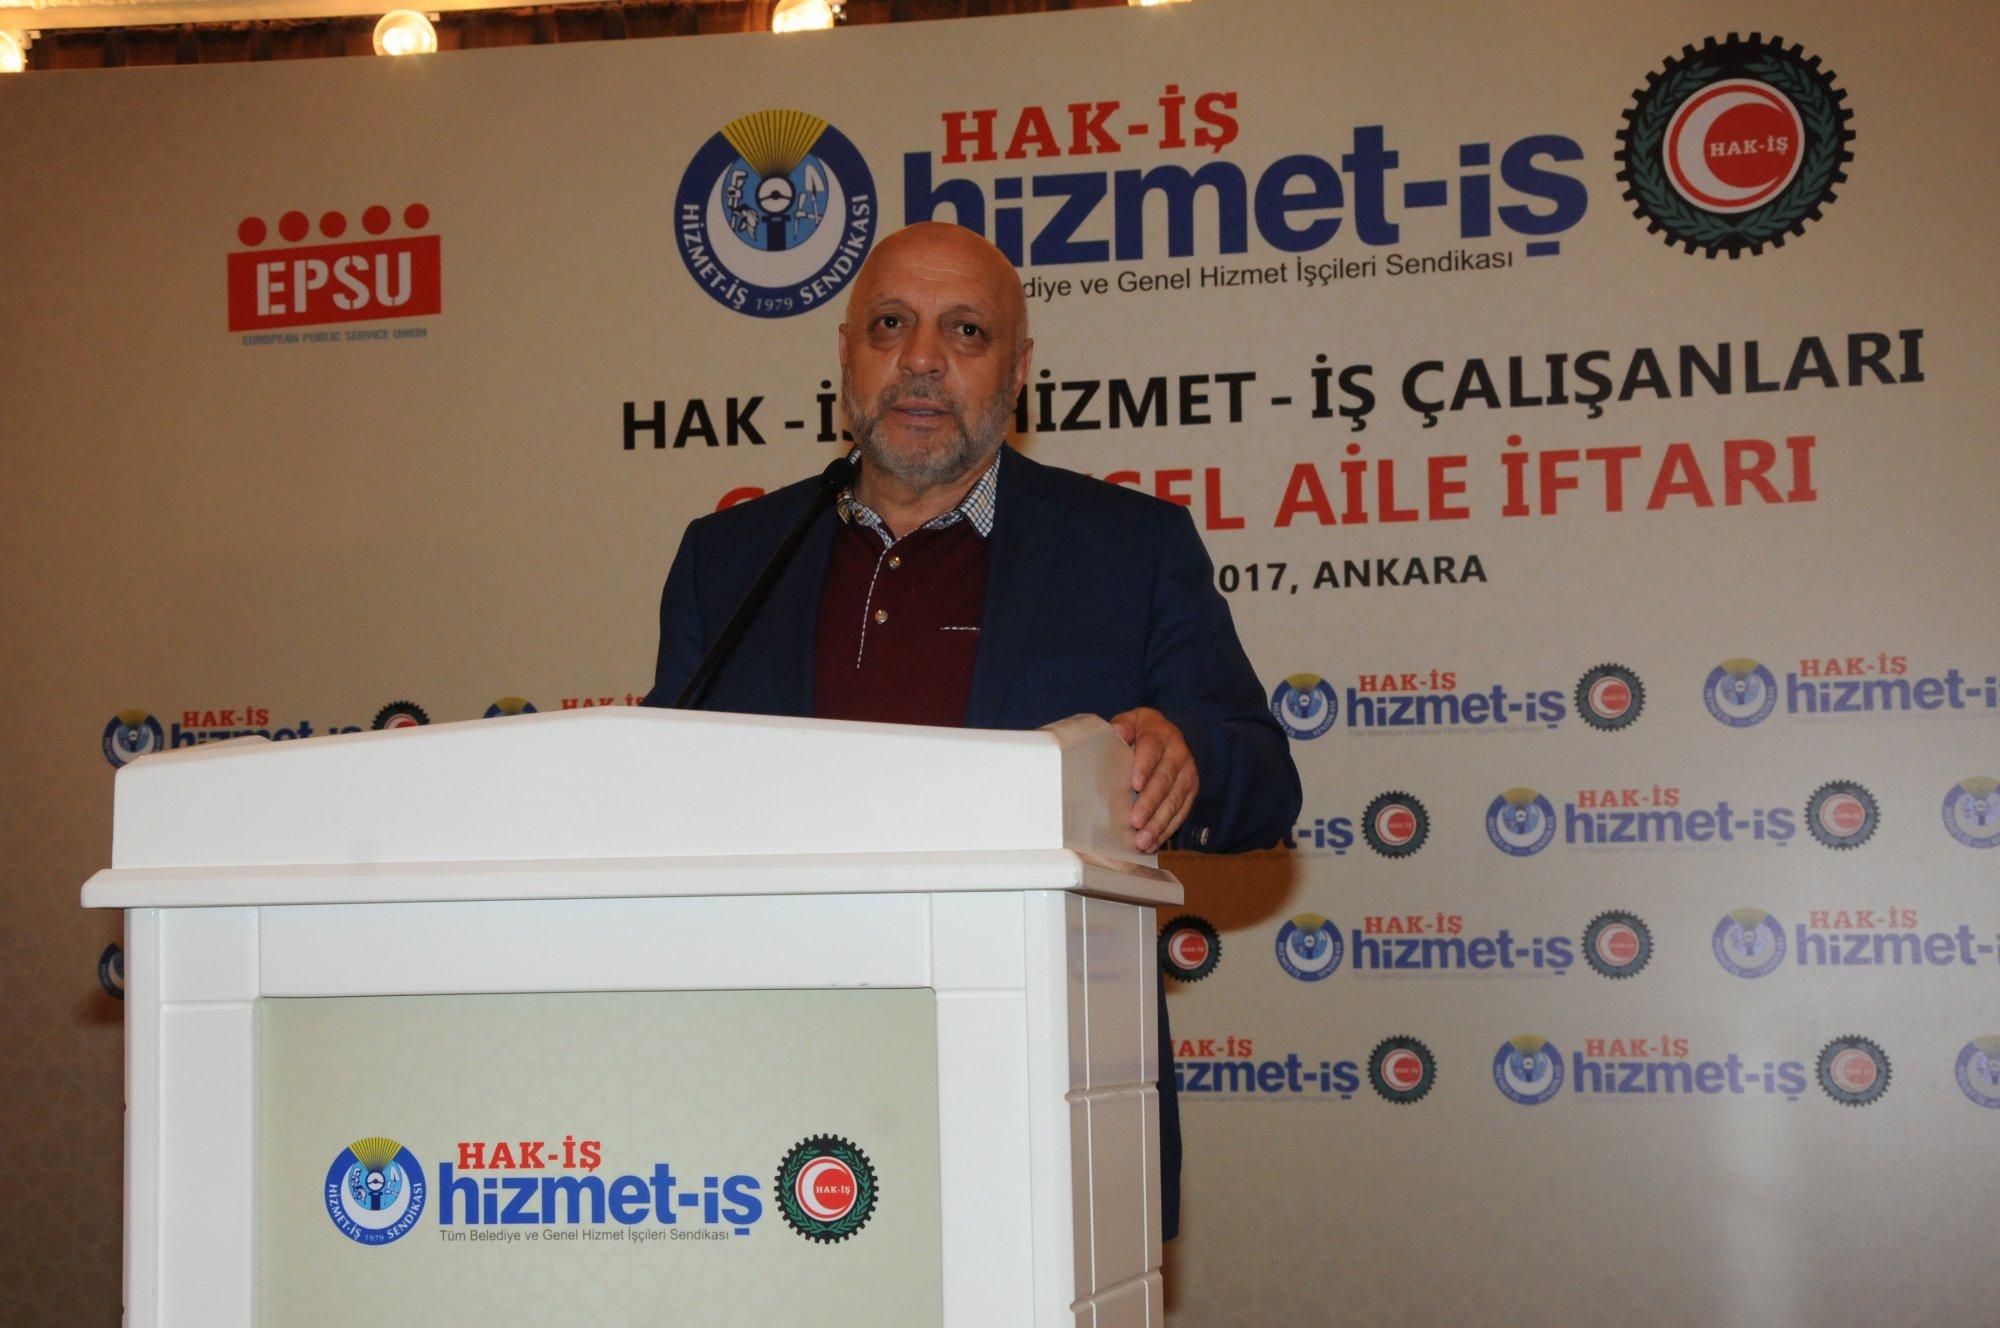 ARSLAN, HAK-İŞ, HİZMET-İŞ AİLE İFTARINA KATILDI